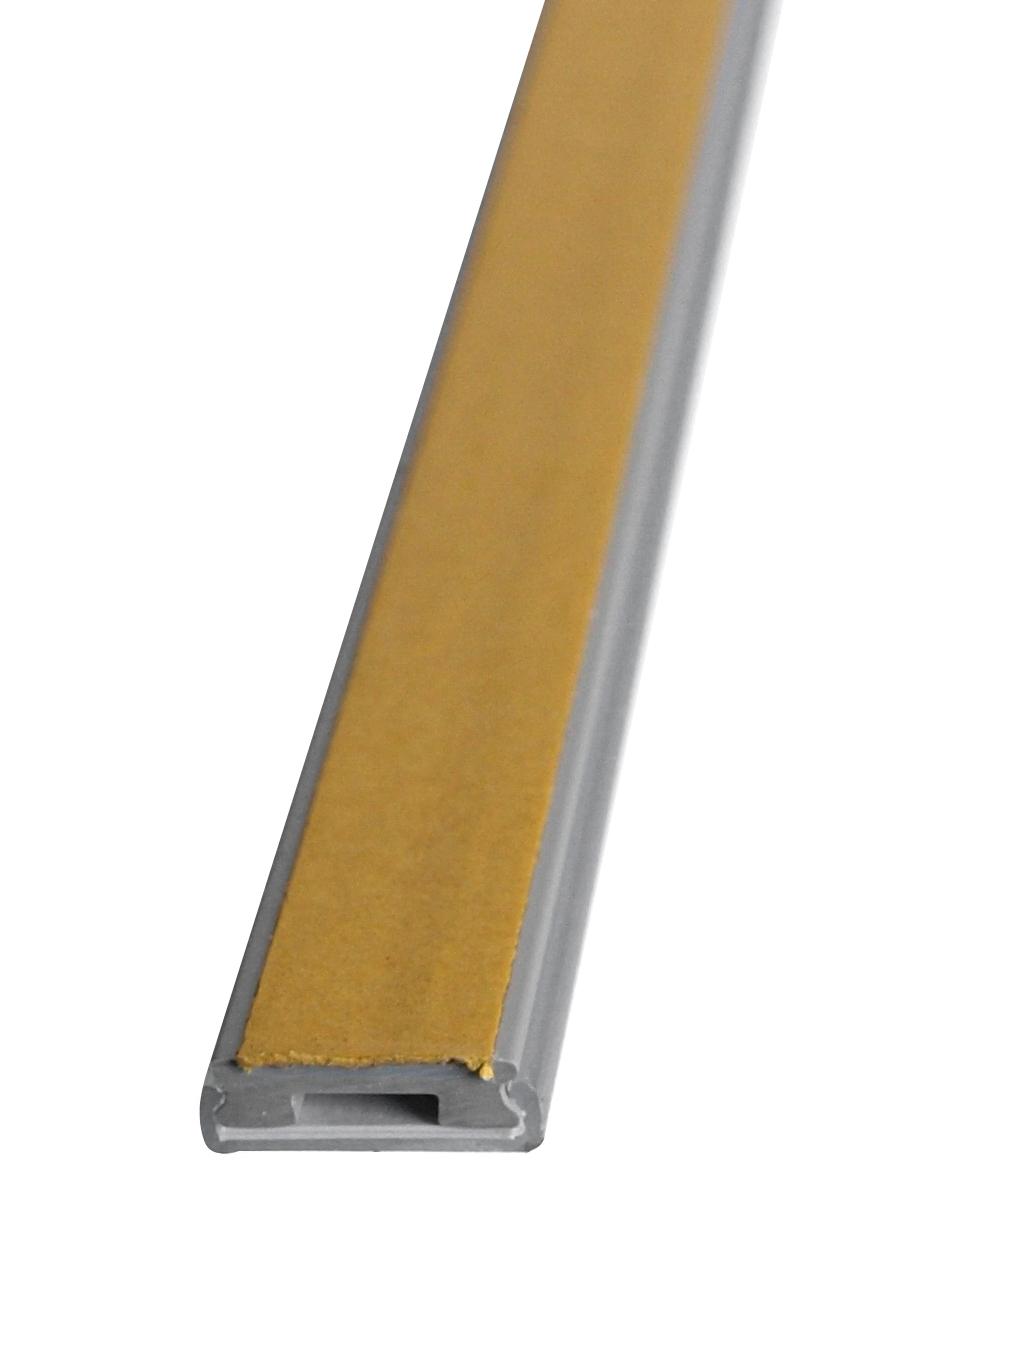 1 Stk Bezeichnungsstreifen 1000mm lang, 15mm hoch, selbstklebend BK002402--